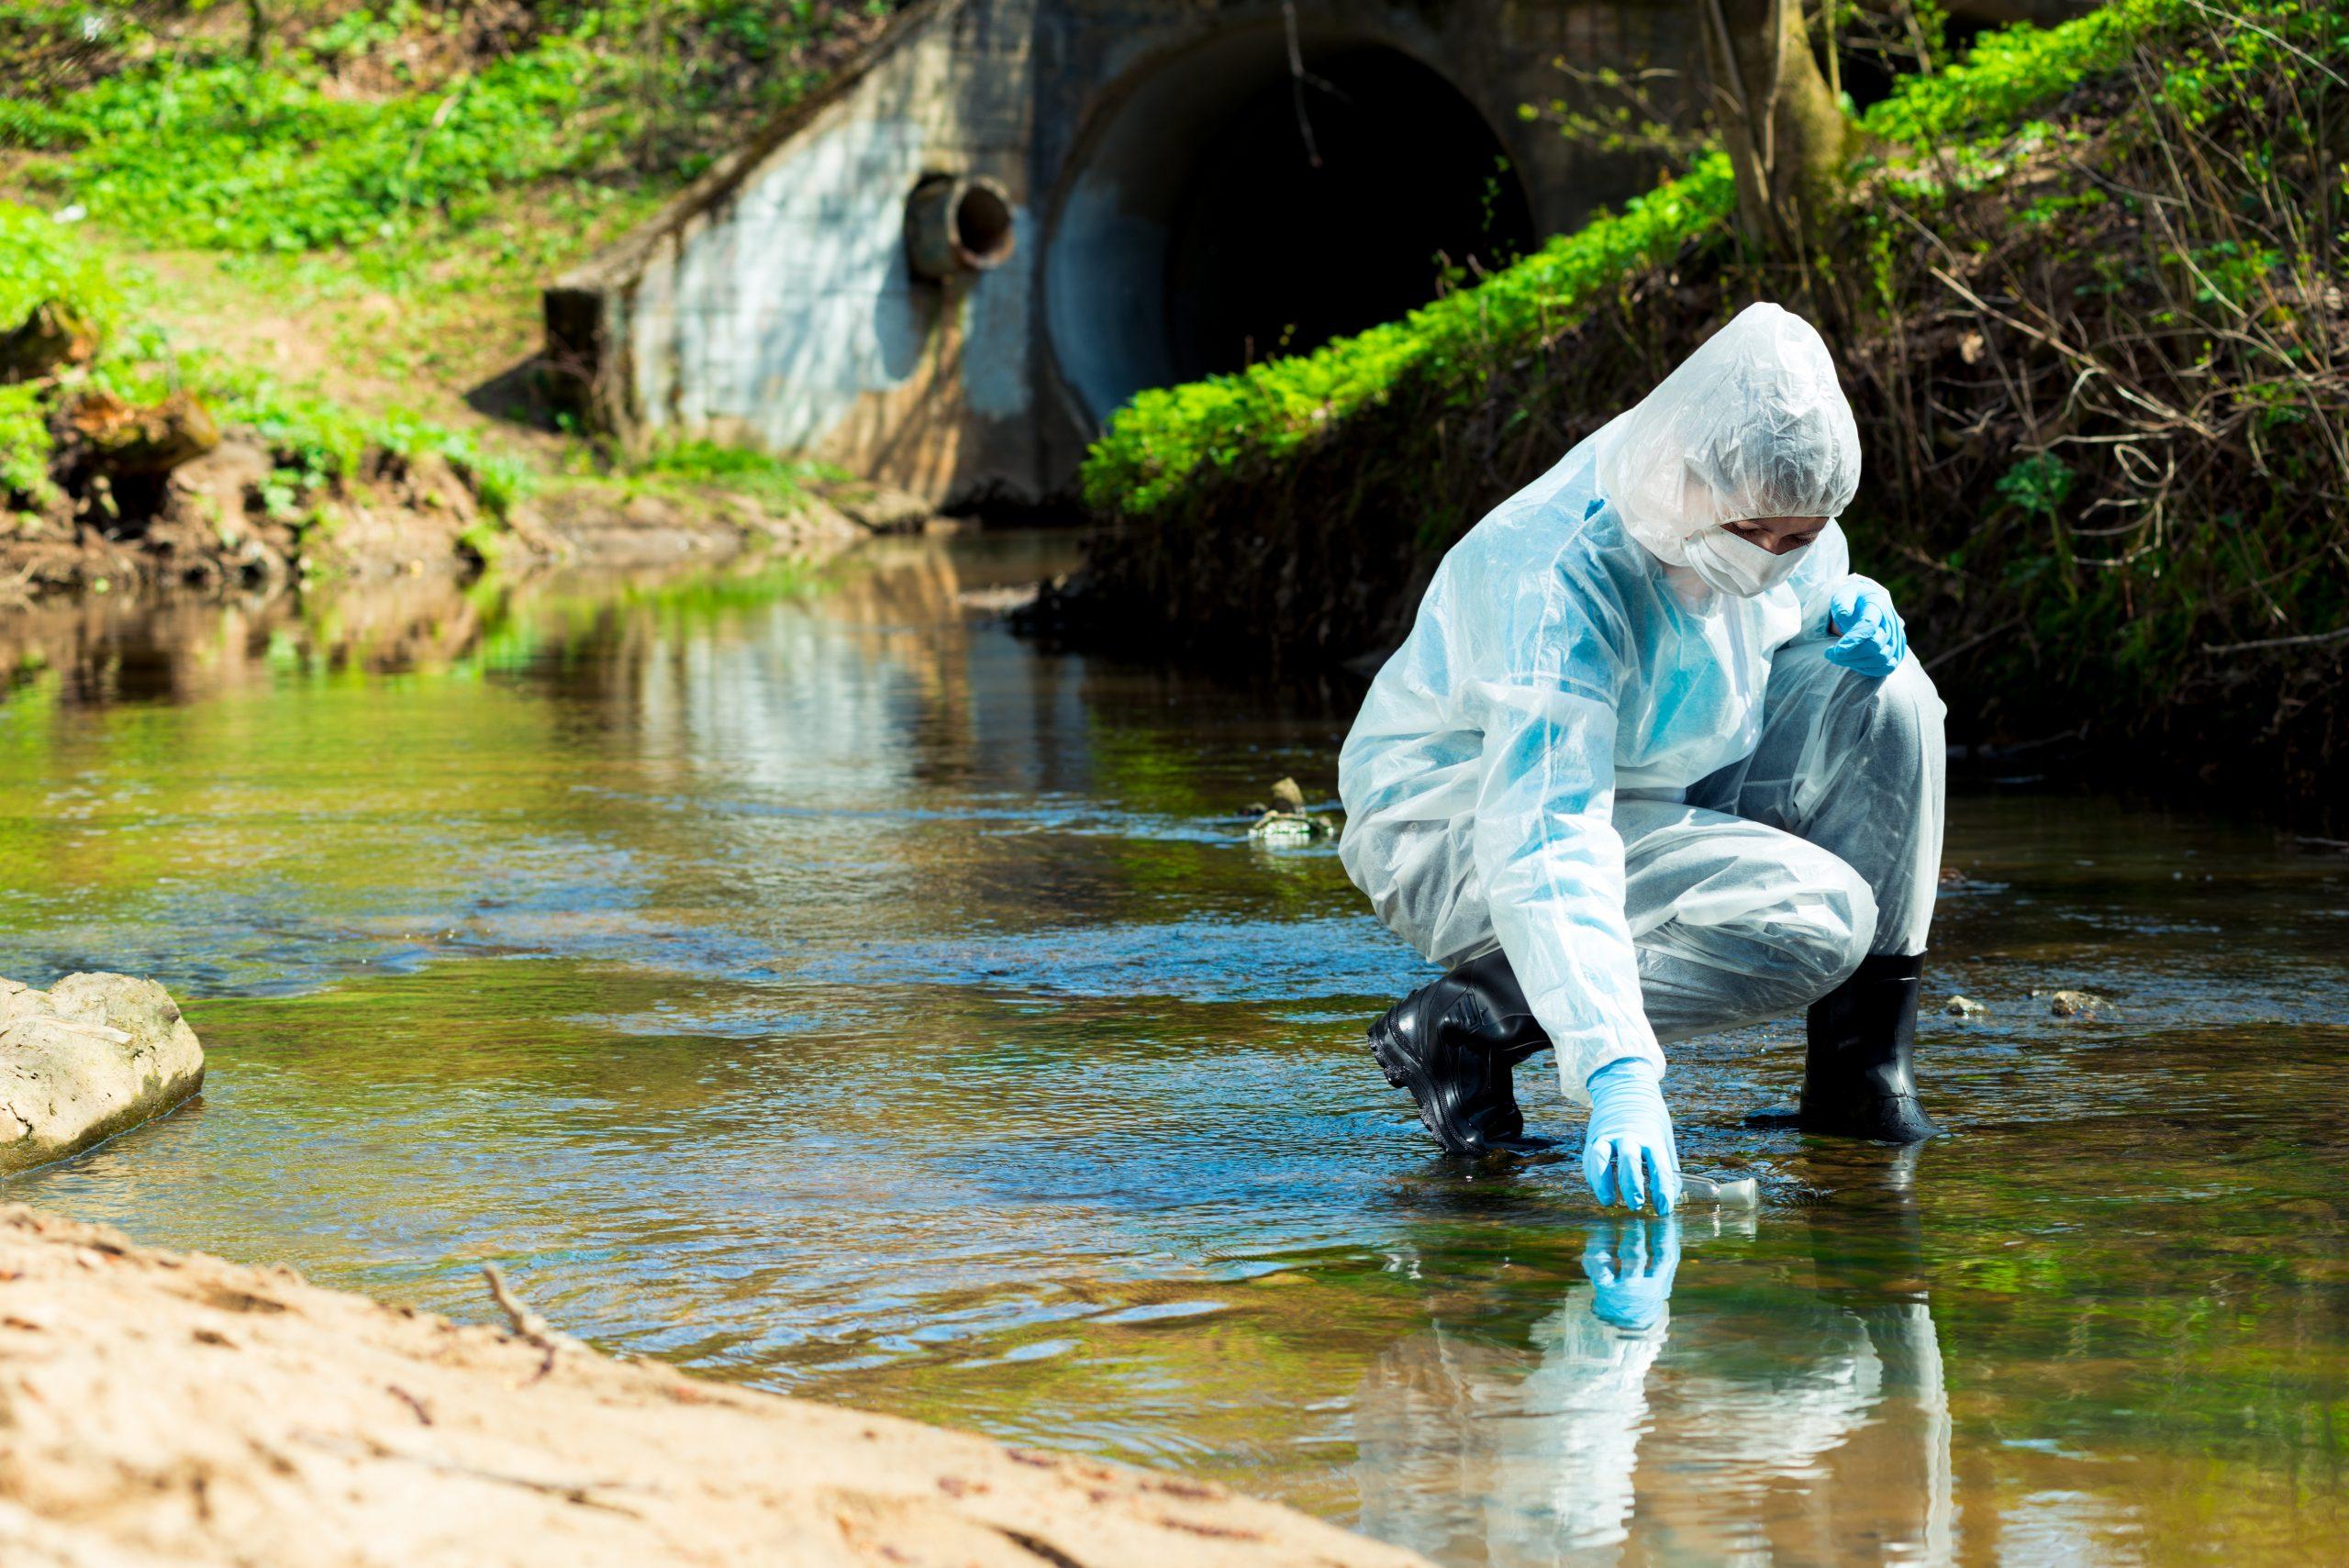 Mikroschadstoffe, darunter PFAS Verbindungen und PFCAs belasten unser Wasser, mit teils verheerenden Auswirkungen